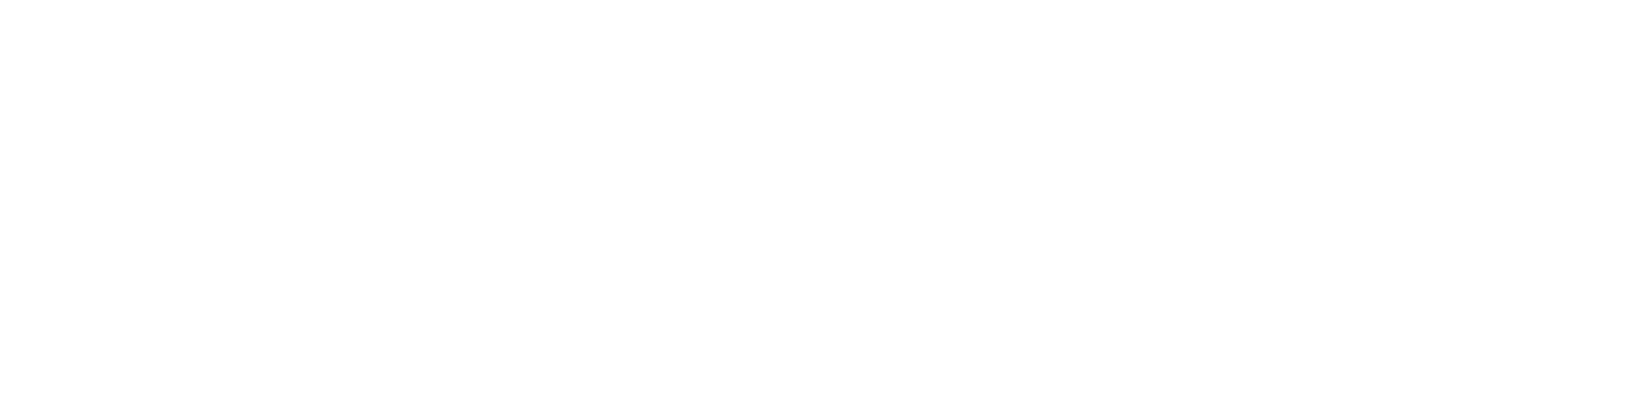 INLEXIO